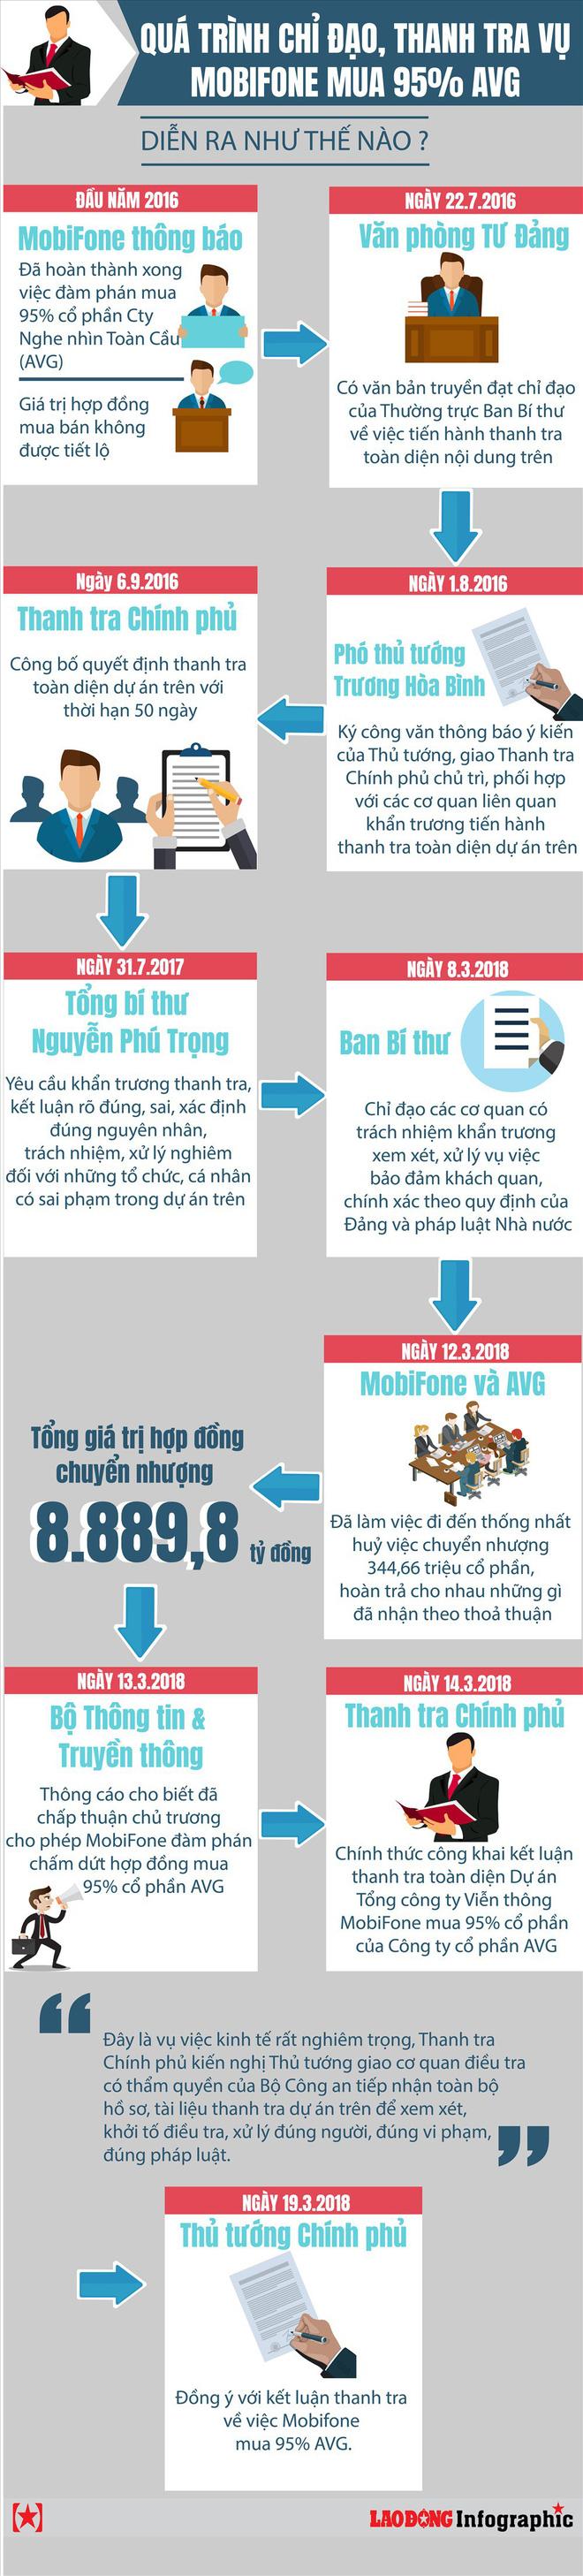 Infographic: Quá trình chỉ đạo, thanh tra vụ MobiFone mua 95% AVG diễn ra như thế nào? - Ảnh 1.